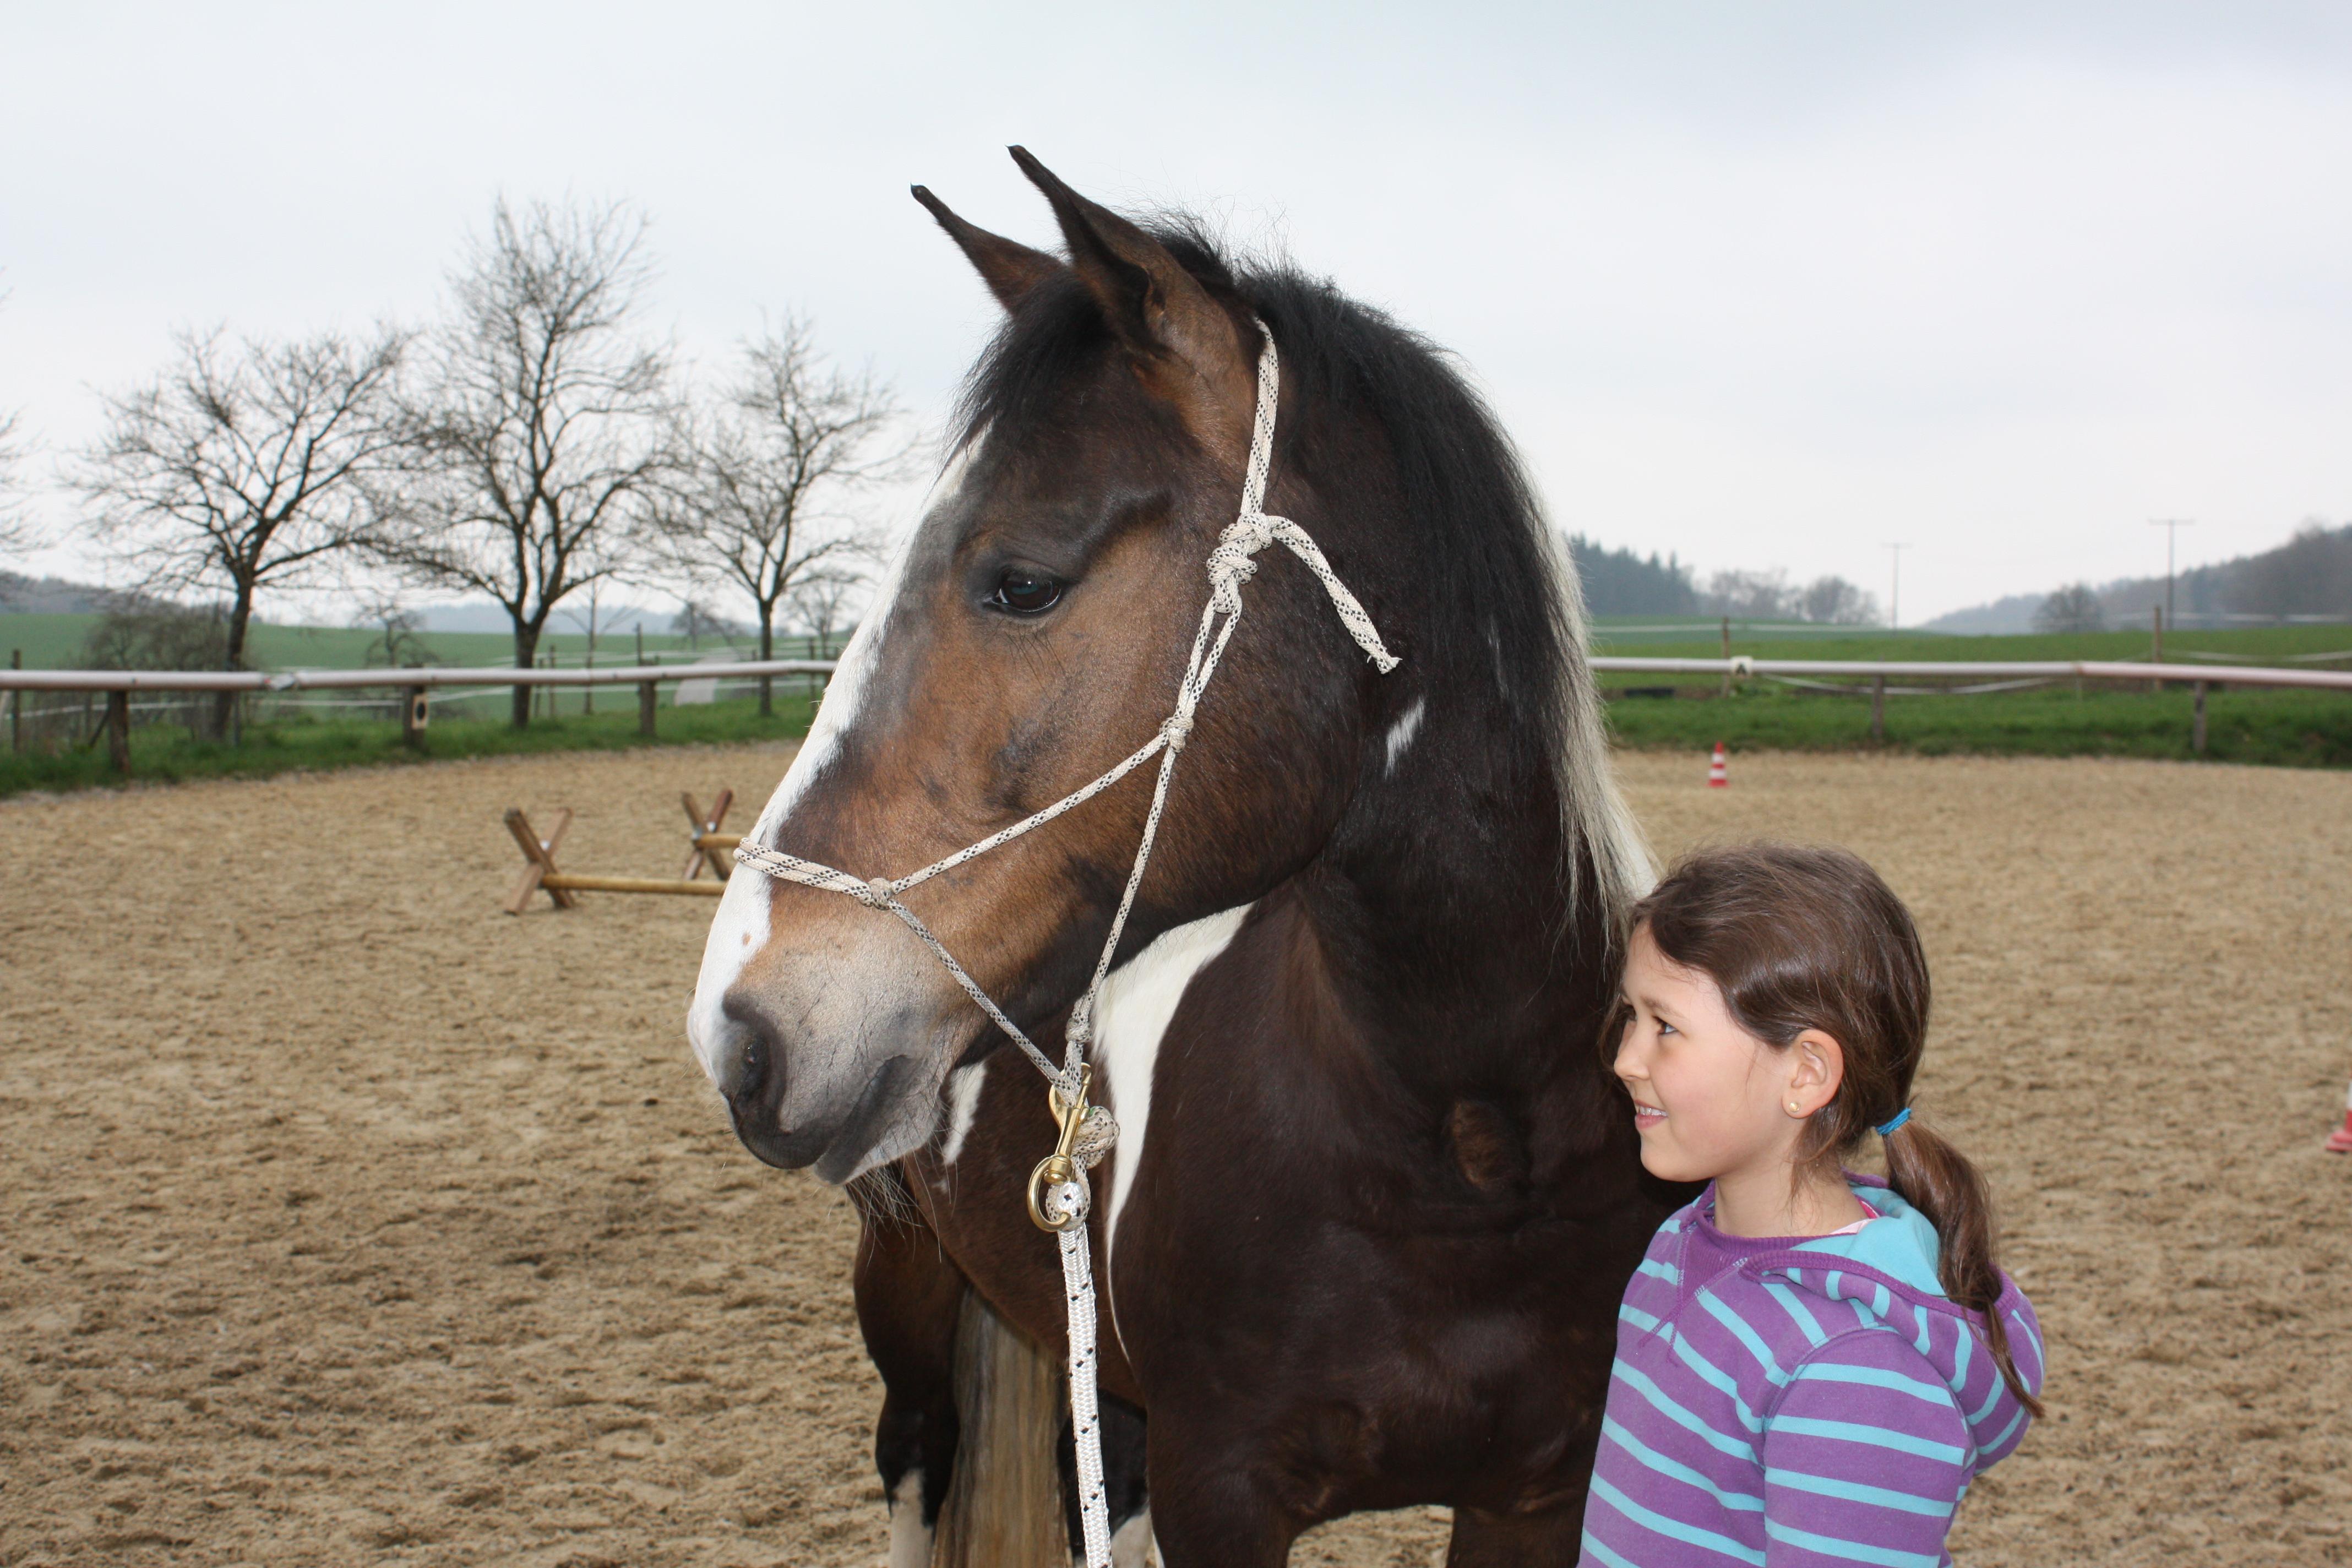 Das Besondere an der pferdegestützten Therapie ist der Kontakt zwischen Mensch und Pferd im Hier und Jetzt - Nicola Mündemann, Dipl. Psych.